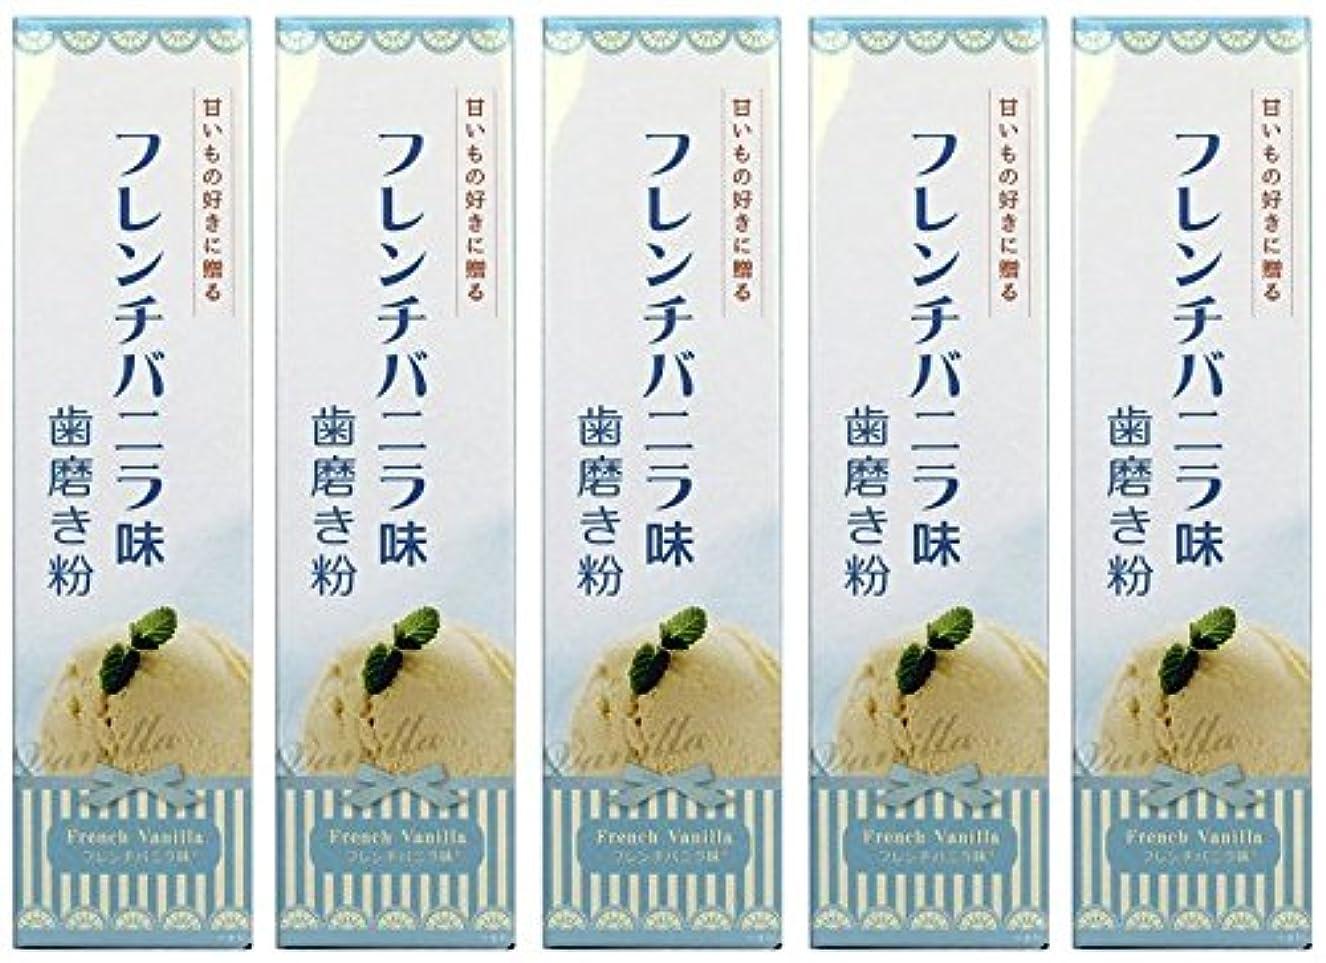 鬼ごっこみぞれ宇宙のSWEETS 歯磨き粉 バニラ味 70g (5本)